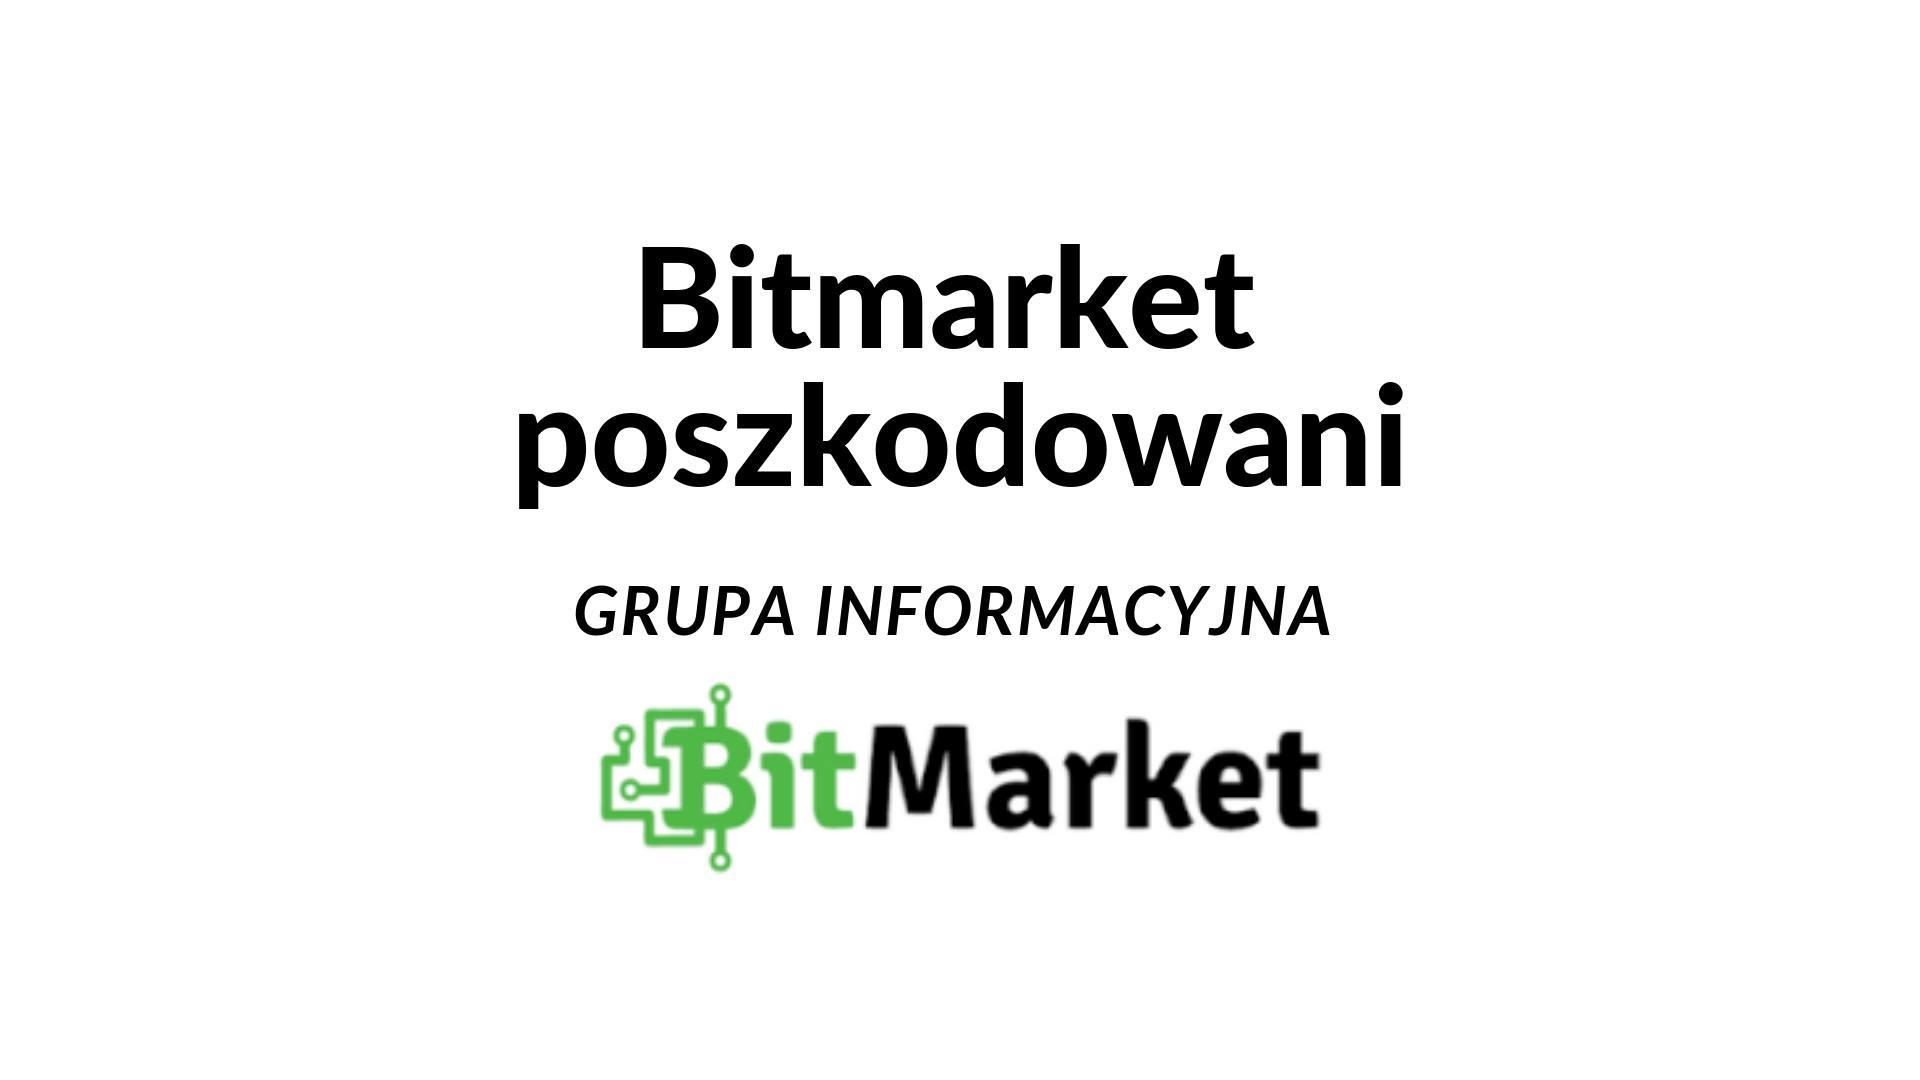 Wiadomości Bitmarket Poszkodowani – Kwestie informacyjne i koordynacja działań